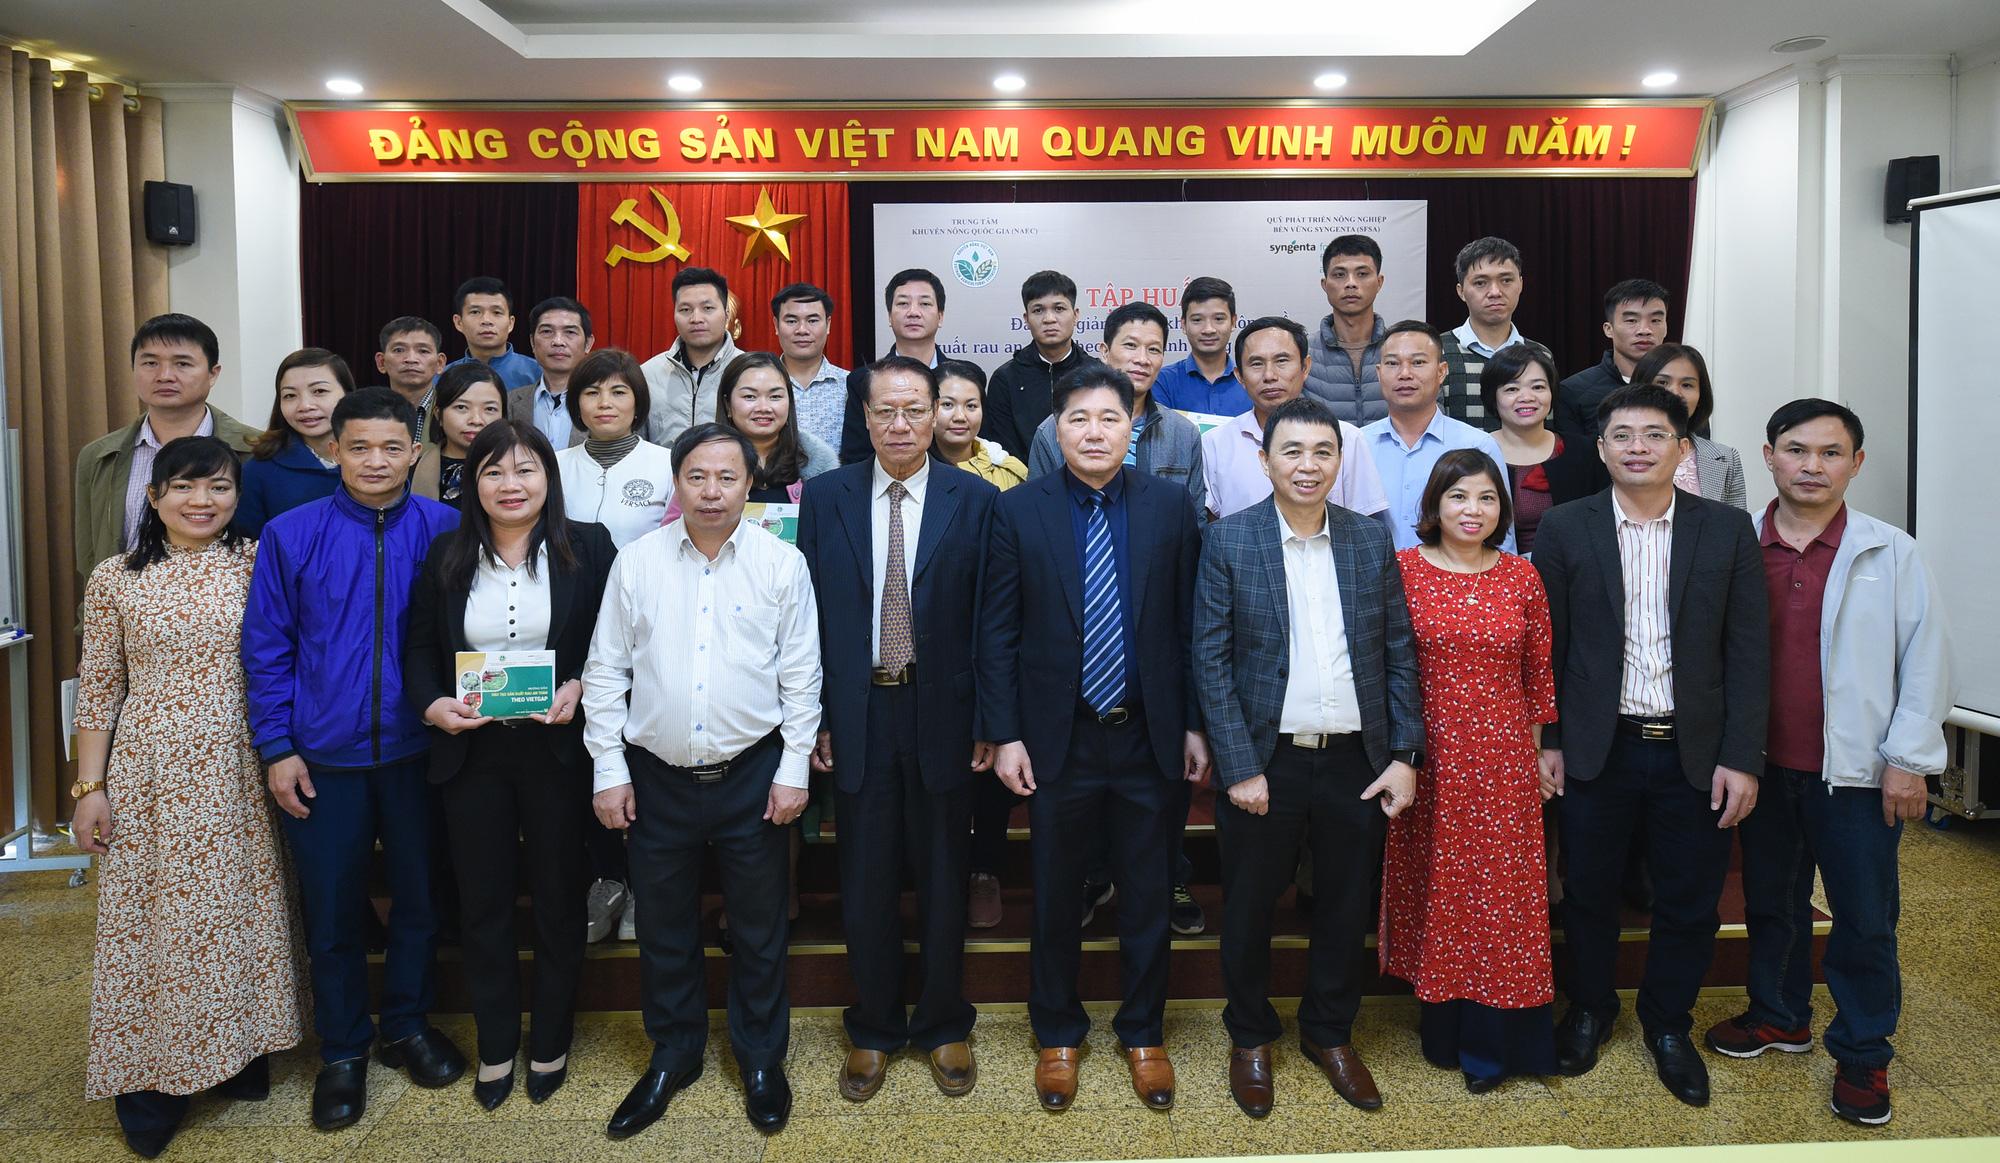 Hà Nội: Cán bộ khuyến nông học trồng rau VietGAP - Ảnh 3.